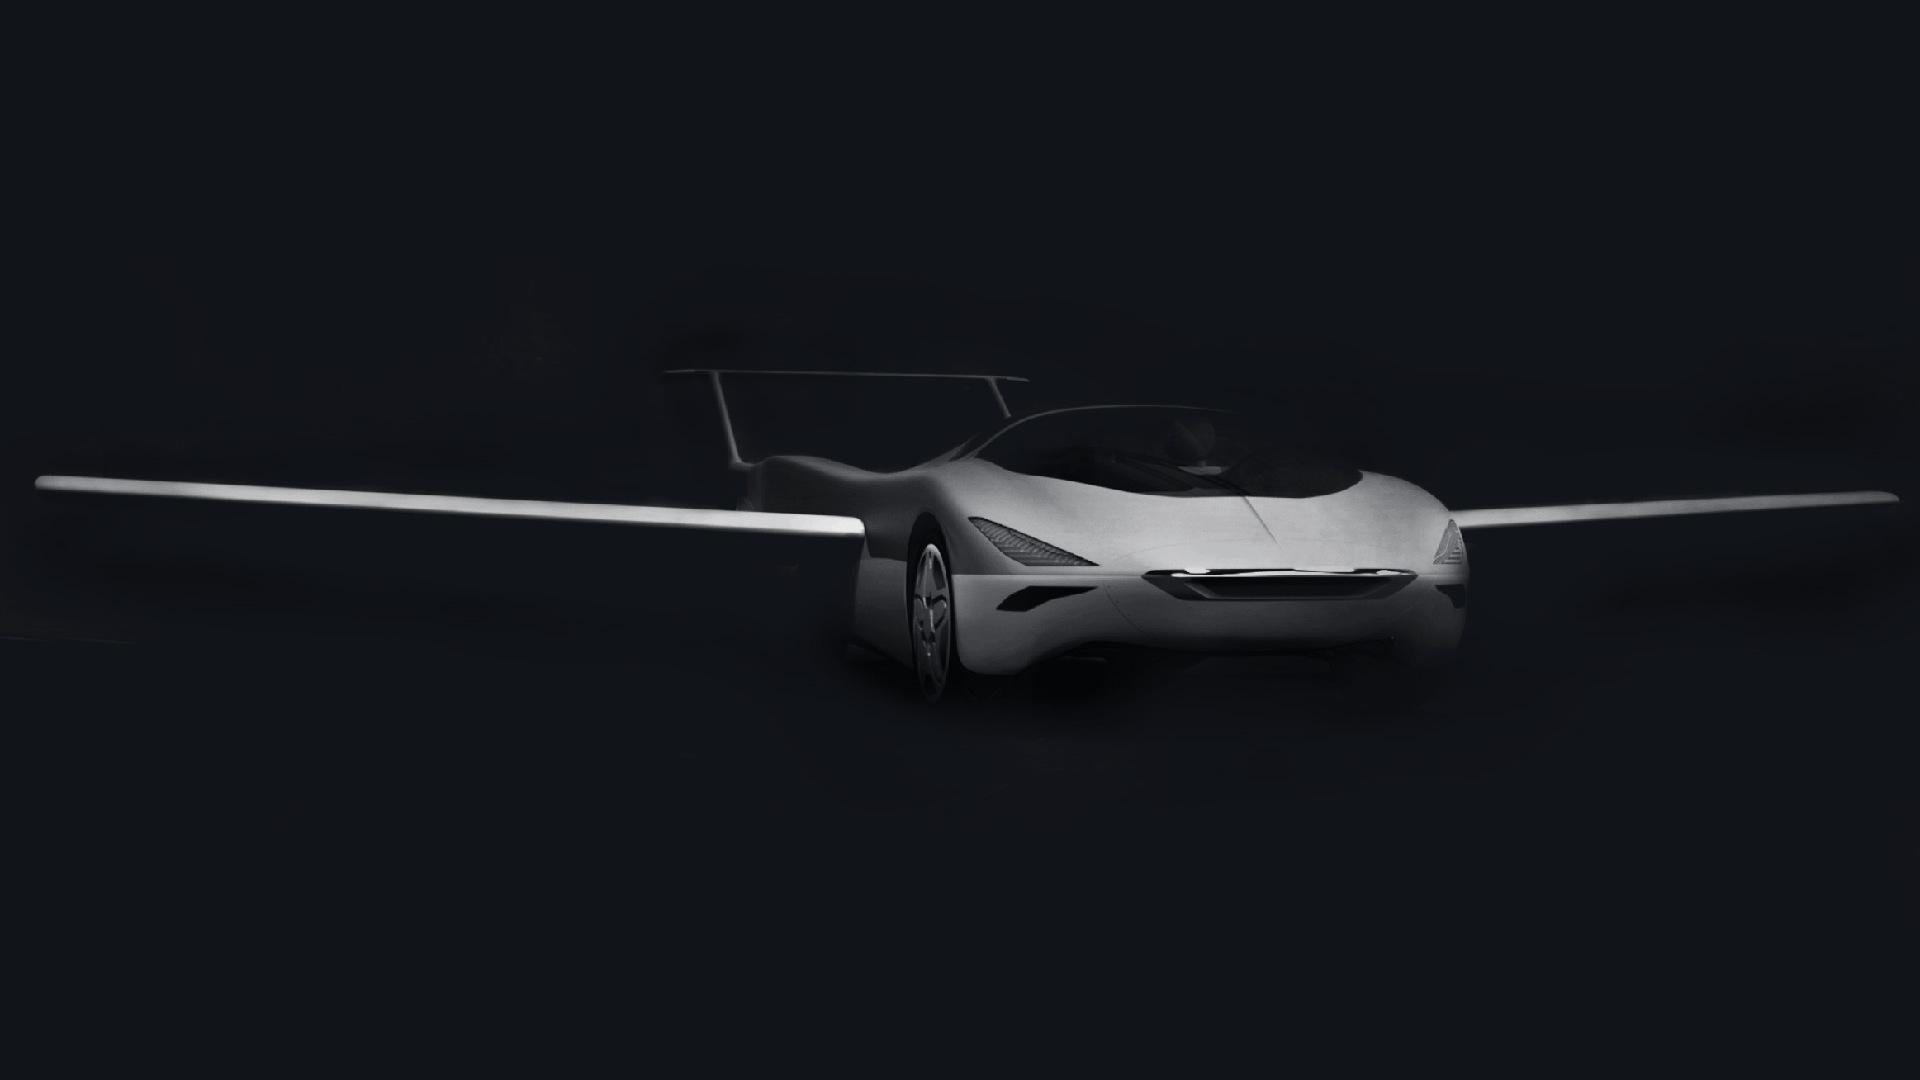 Klein Vision Air Car